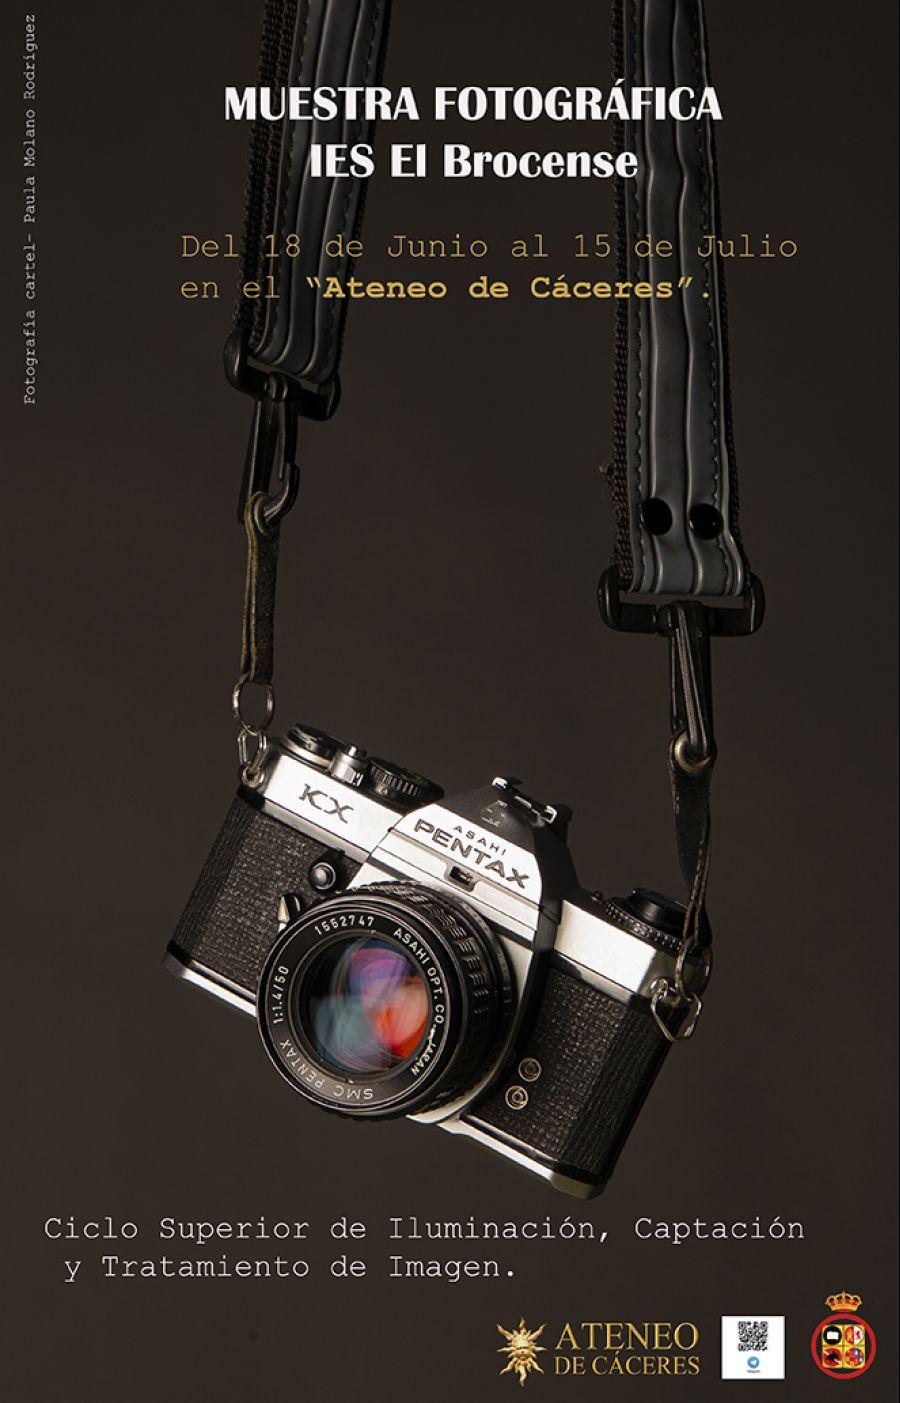 Muestra Fotográfica 'IES El Broncese'